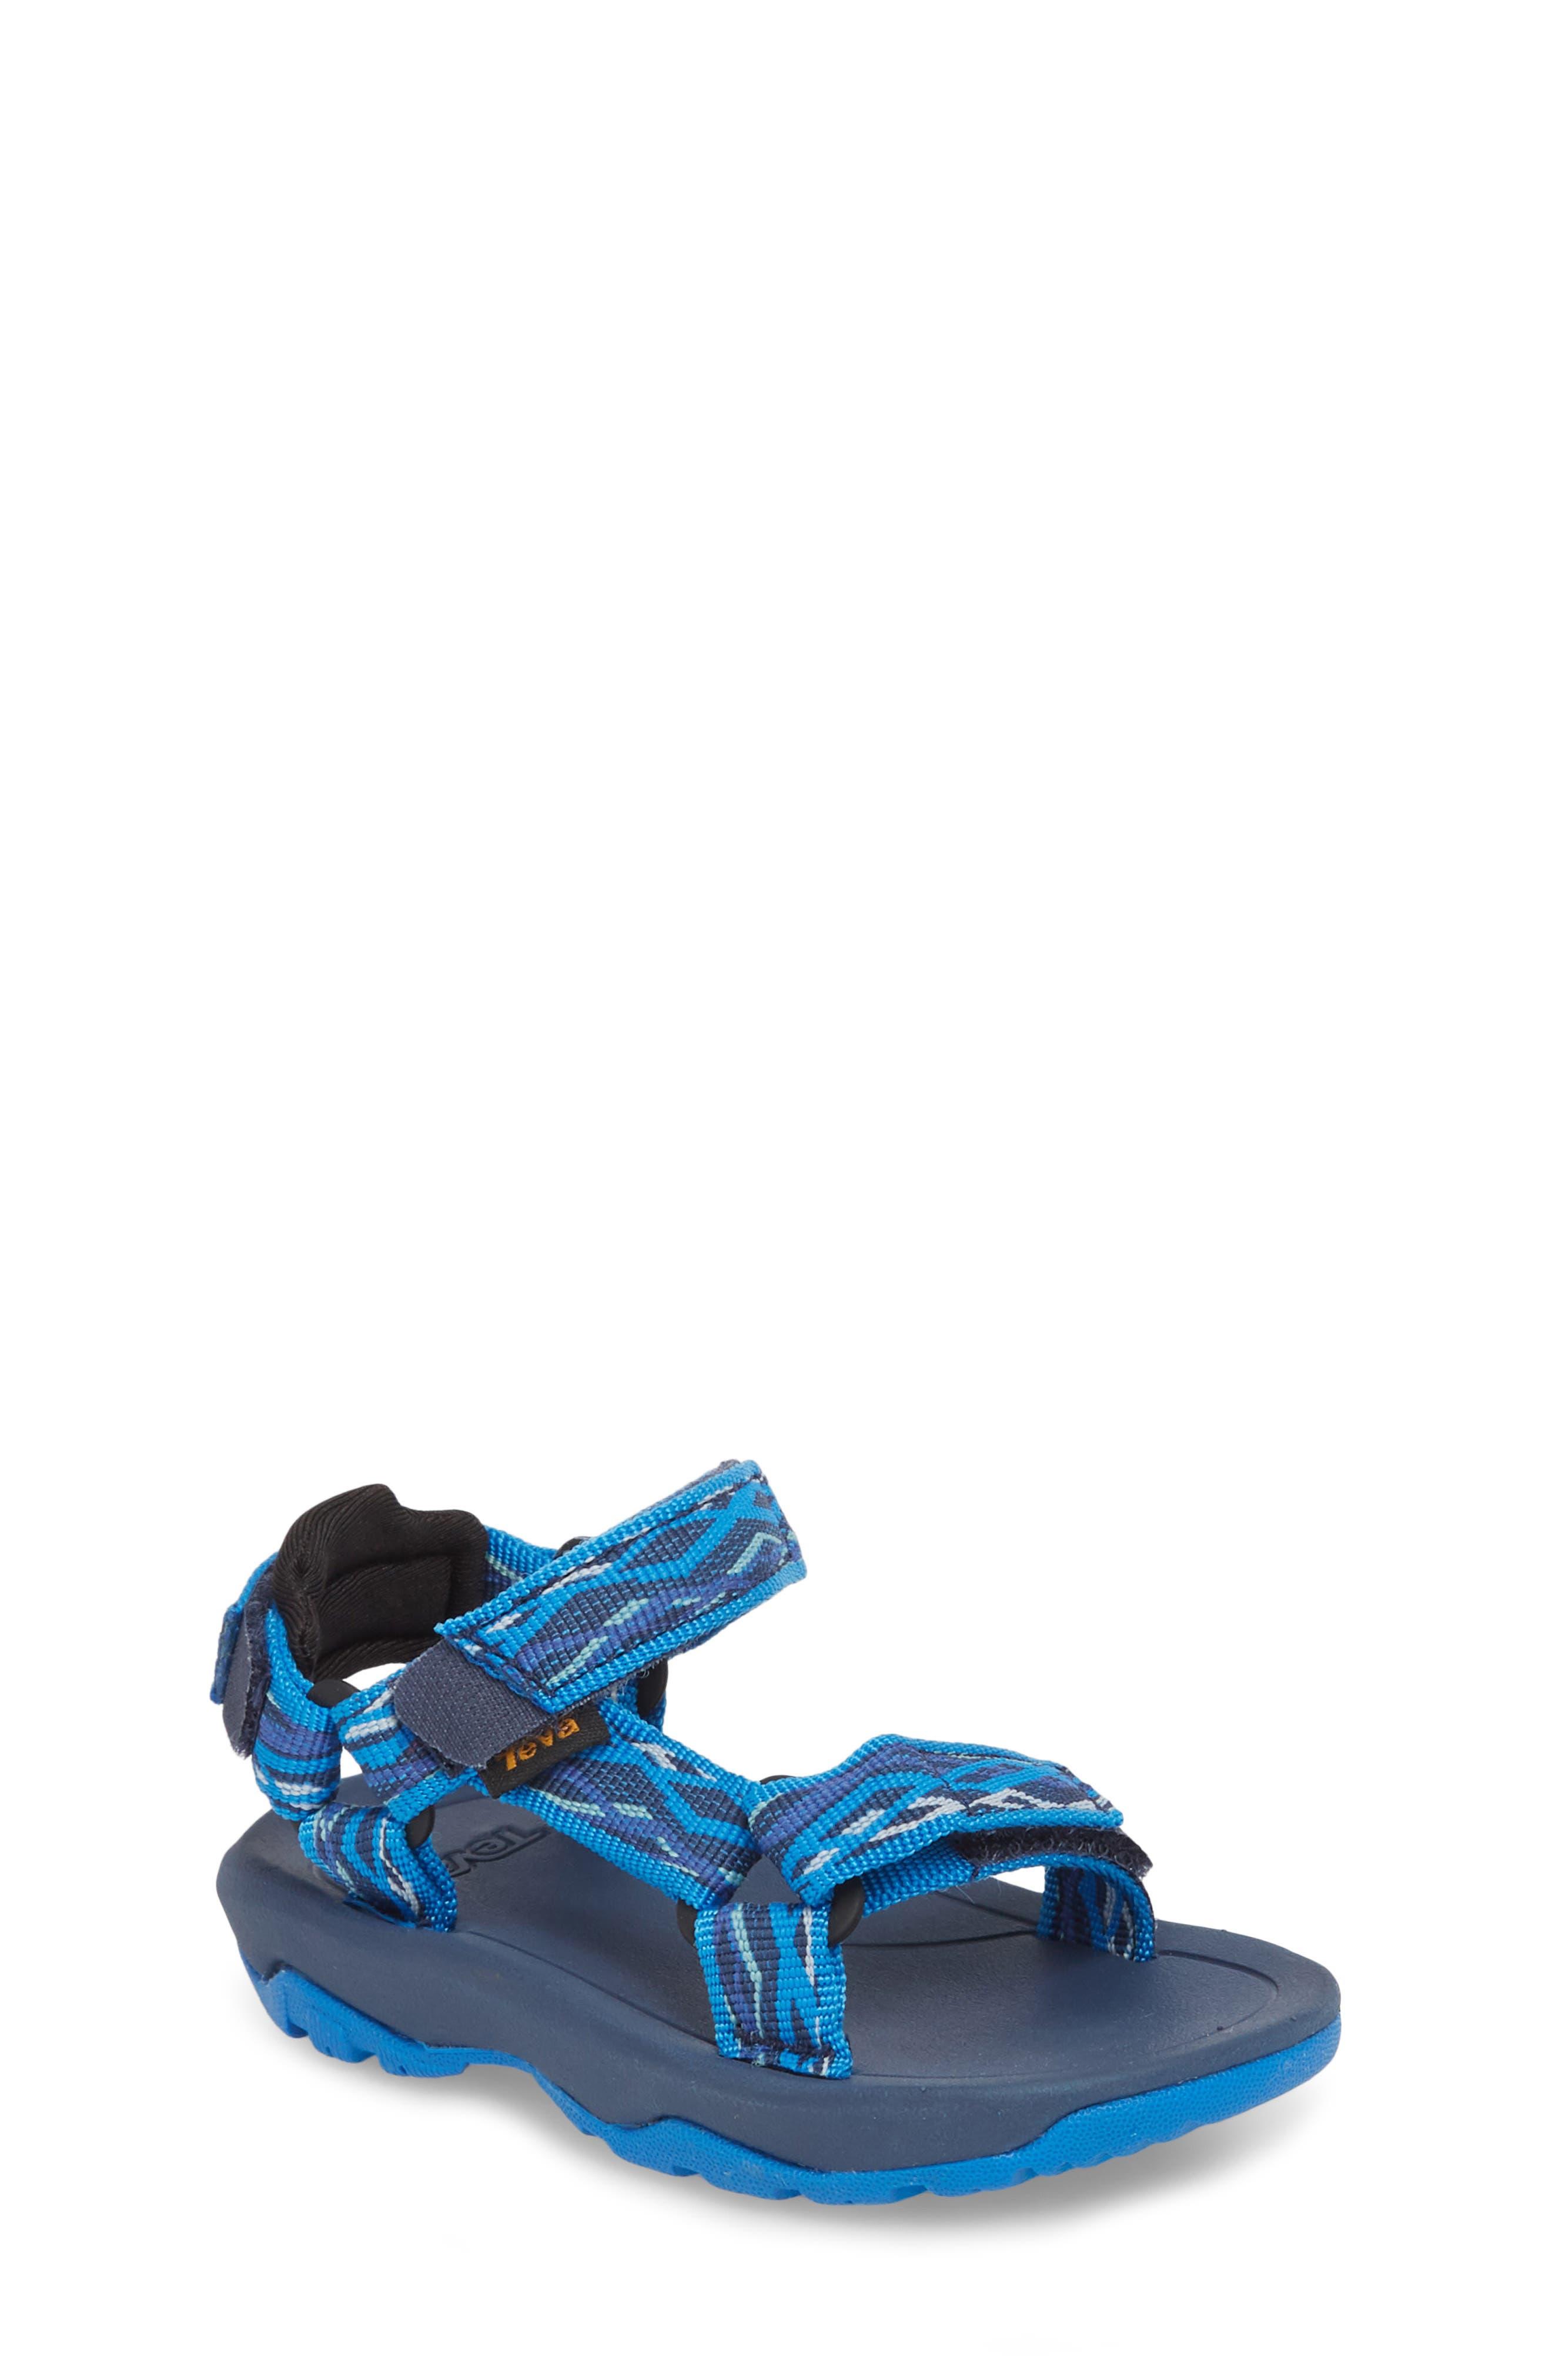 Baby Teva Sandals \u0026 Flip-Flops   Nordstrom